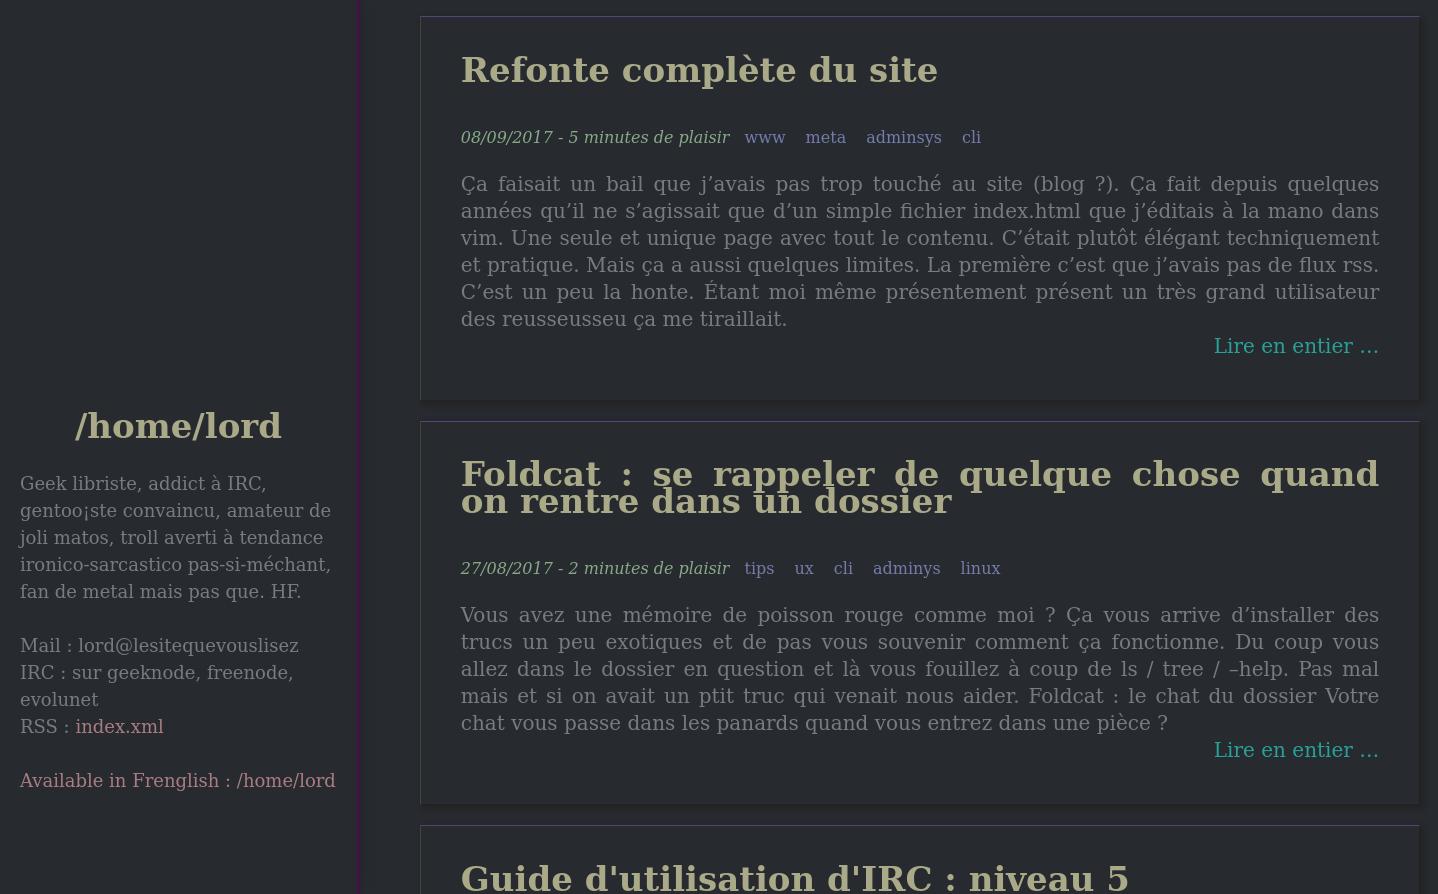 On a un design très proche de l'actuelle avec une colonne de présentation à gauche et le contenu à droite avec chaque article bien défini avec ses métadonnées et un lien pour lire en entier